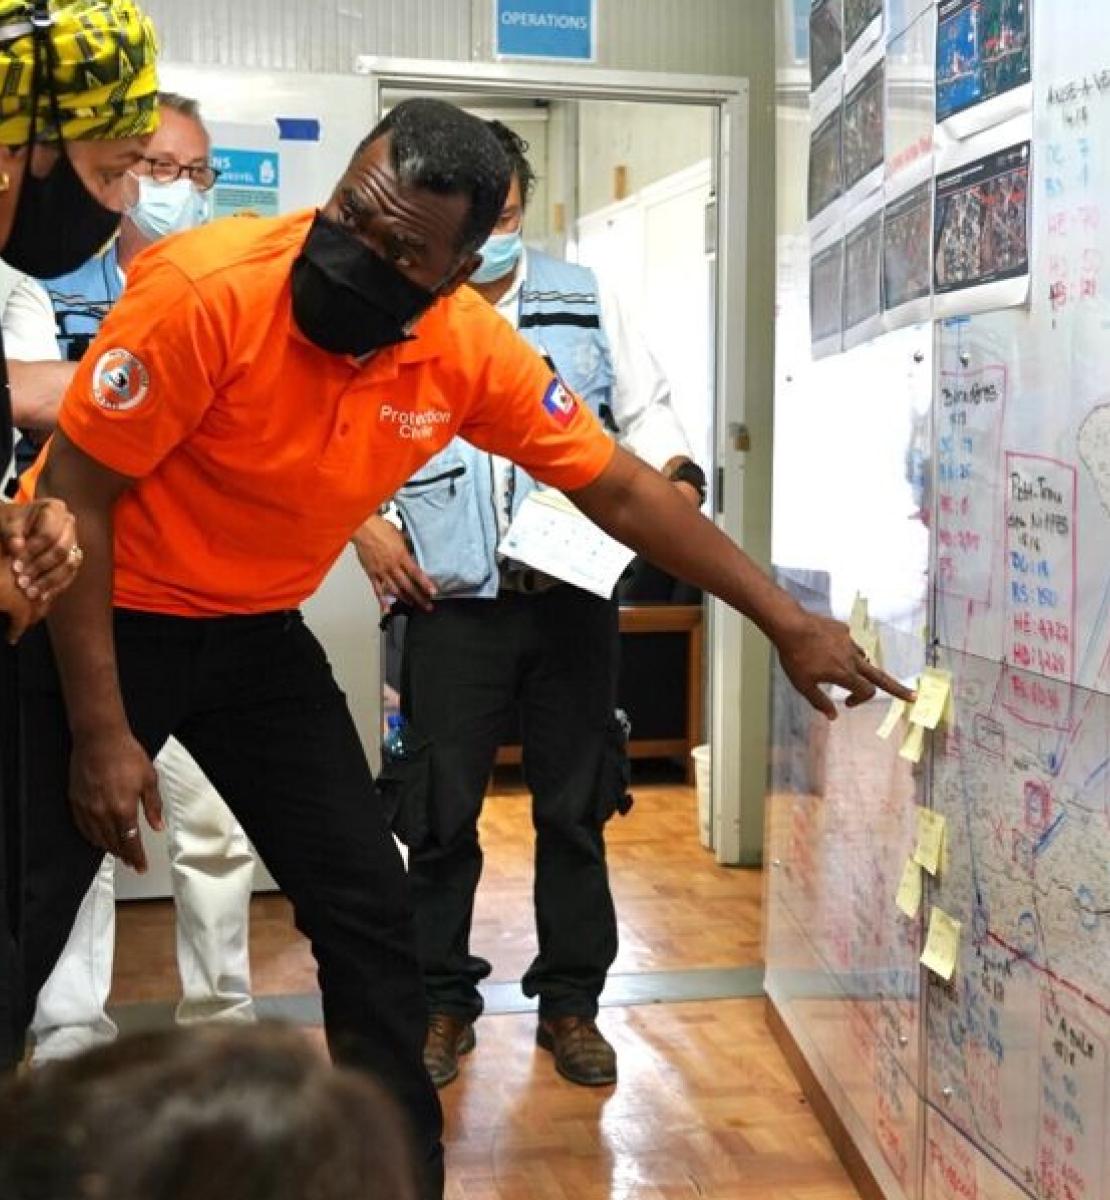 أحد أعضاء الفريق الإغاثي يشرح لنائبة الأمين العام أمينة محمد عن خطط الإغاثة.